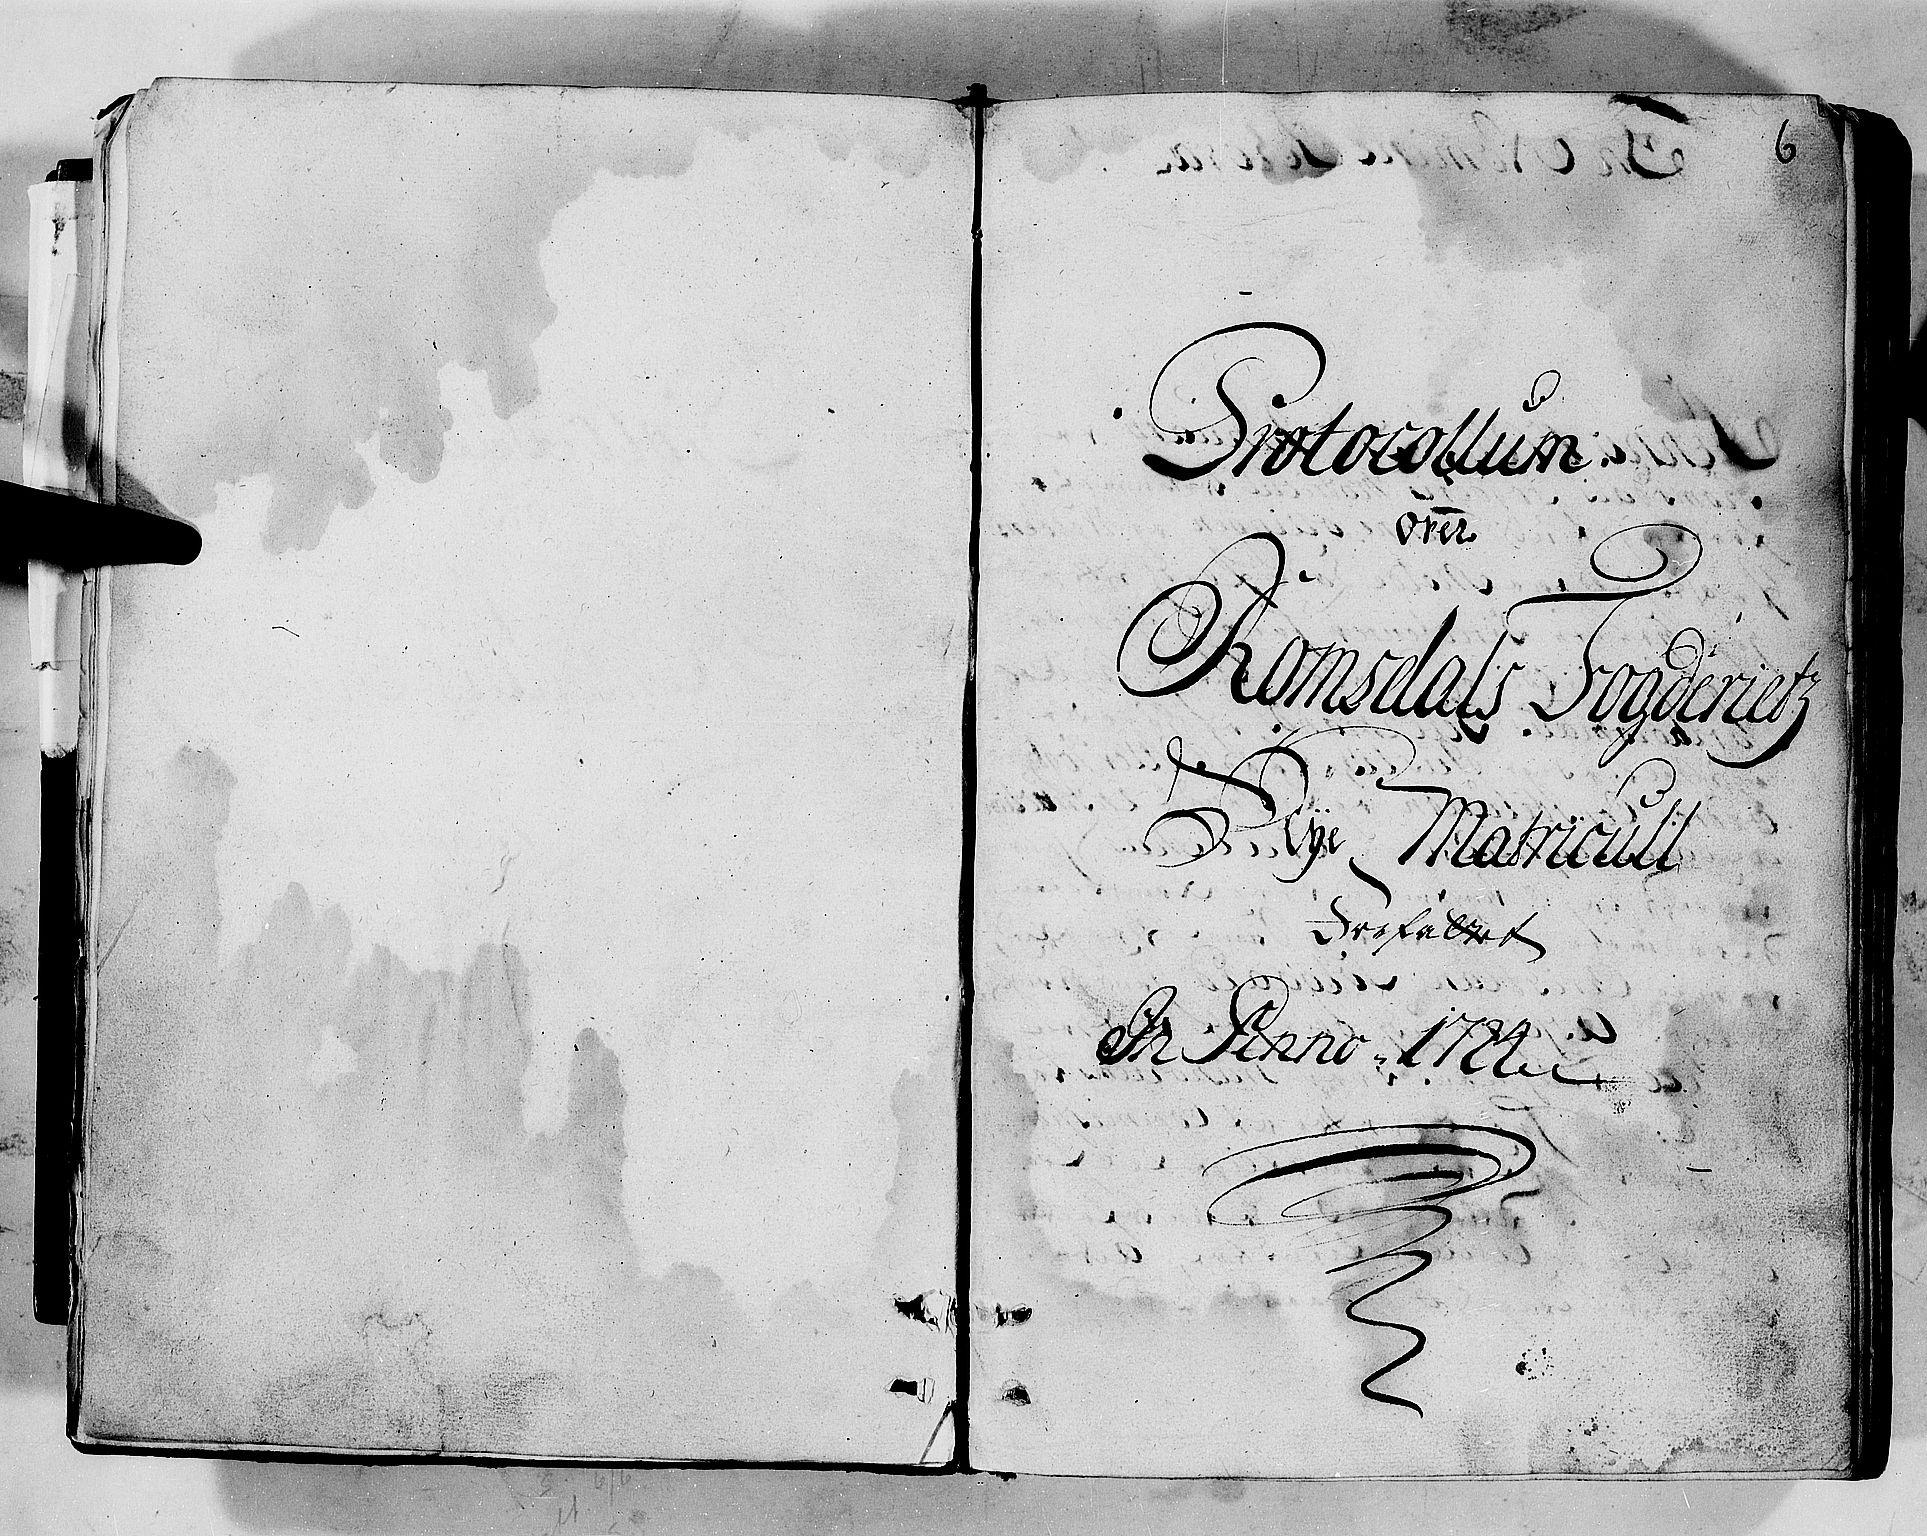 RA, Rentekammeret inntil 1814, Realistisk ordnet avdeling, N/Nb/Nbf/L0152: Romsdal eksaminasjonsprotokoll, 1724, s. 5b-6a